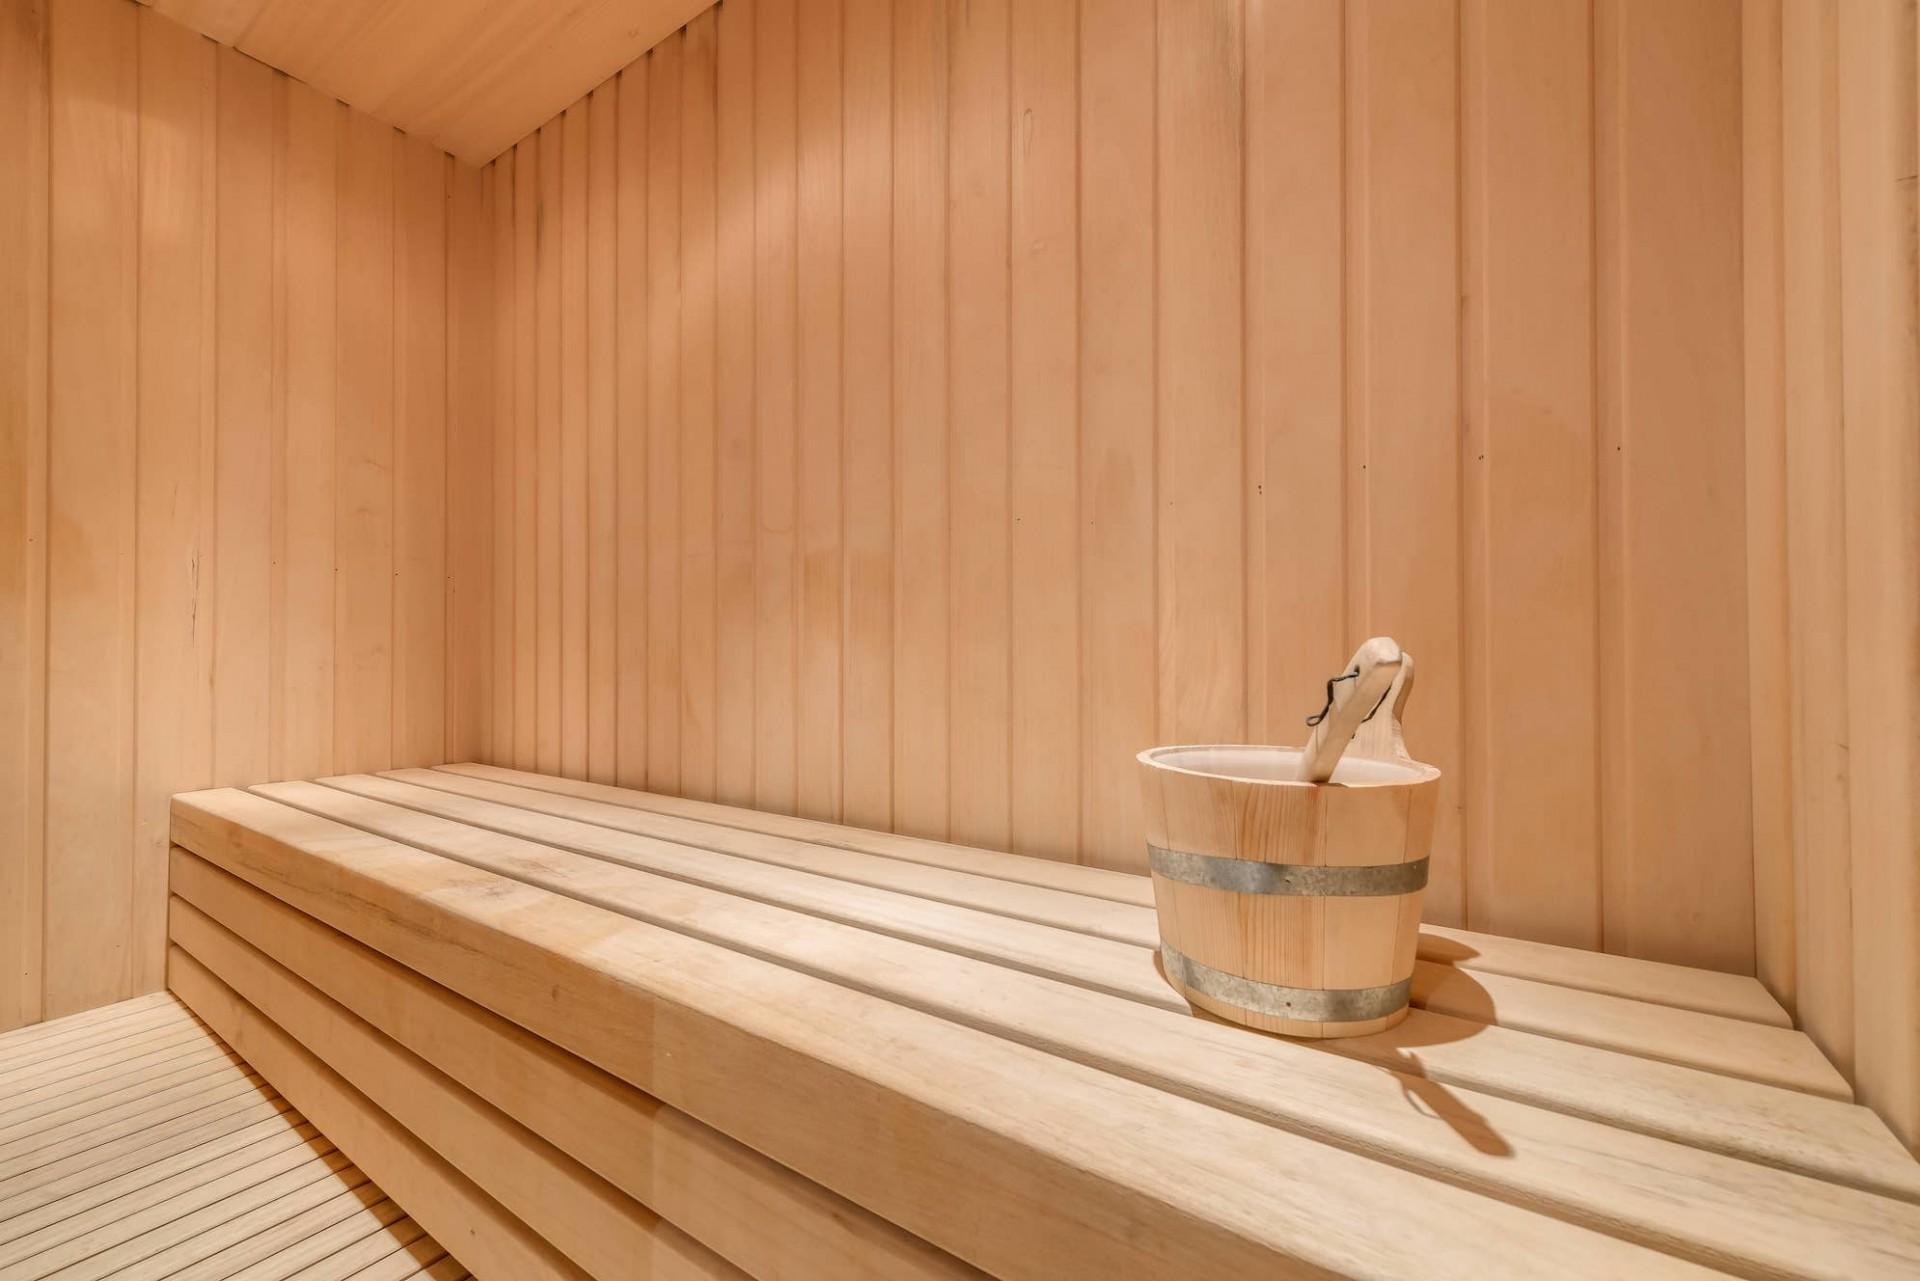 Meribel Location Chalet Luxe Malacon Sauna